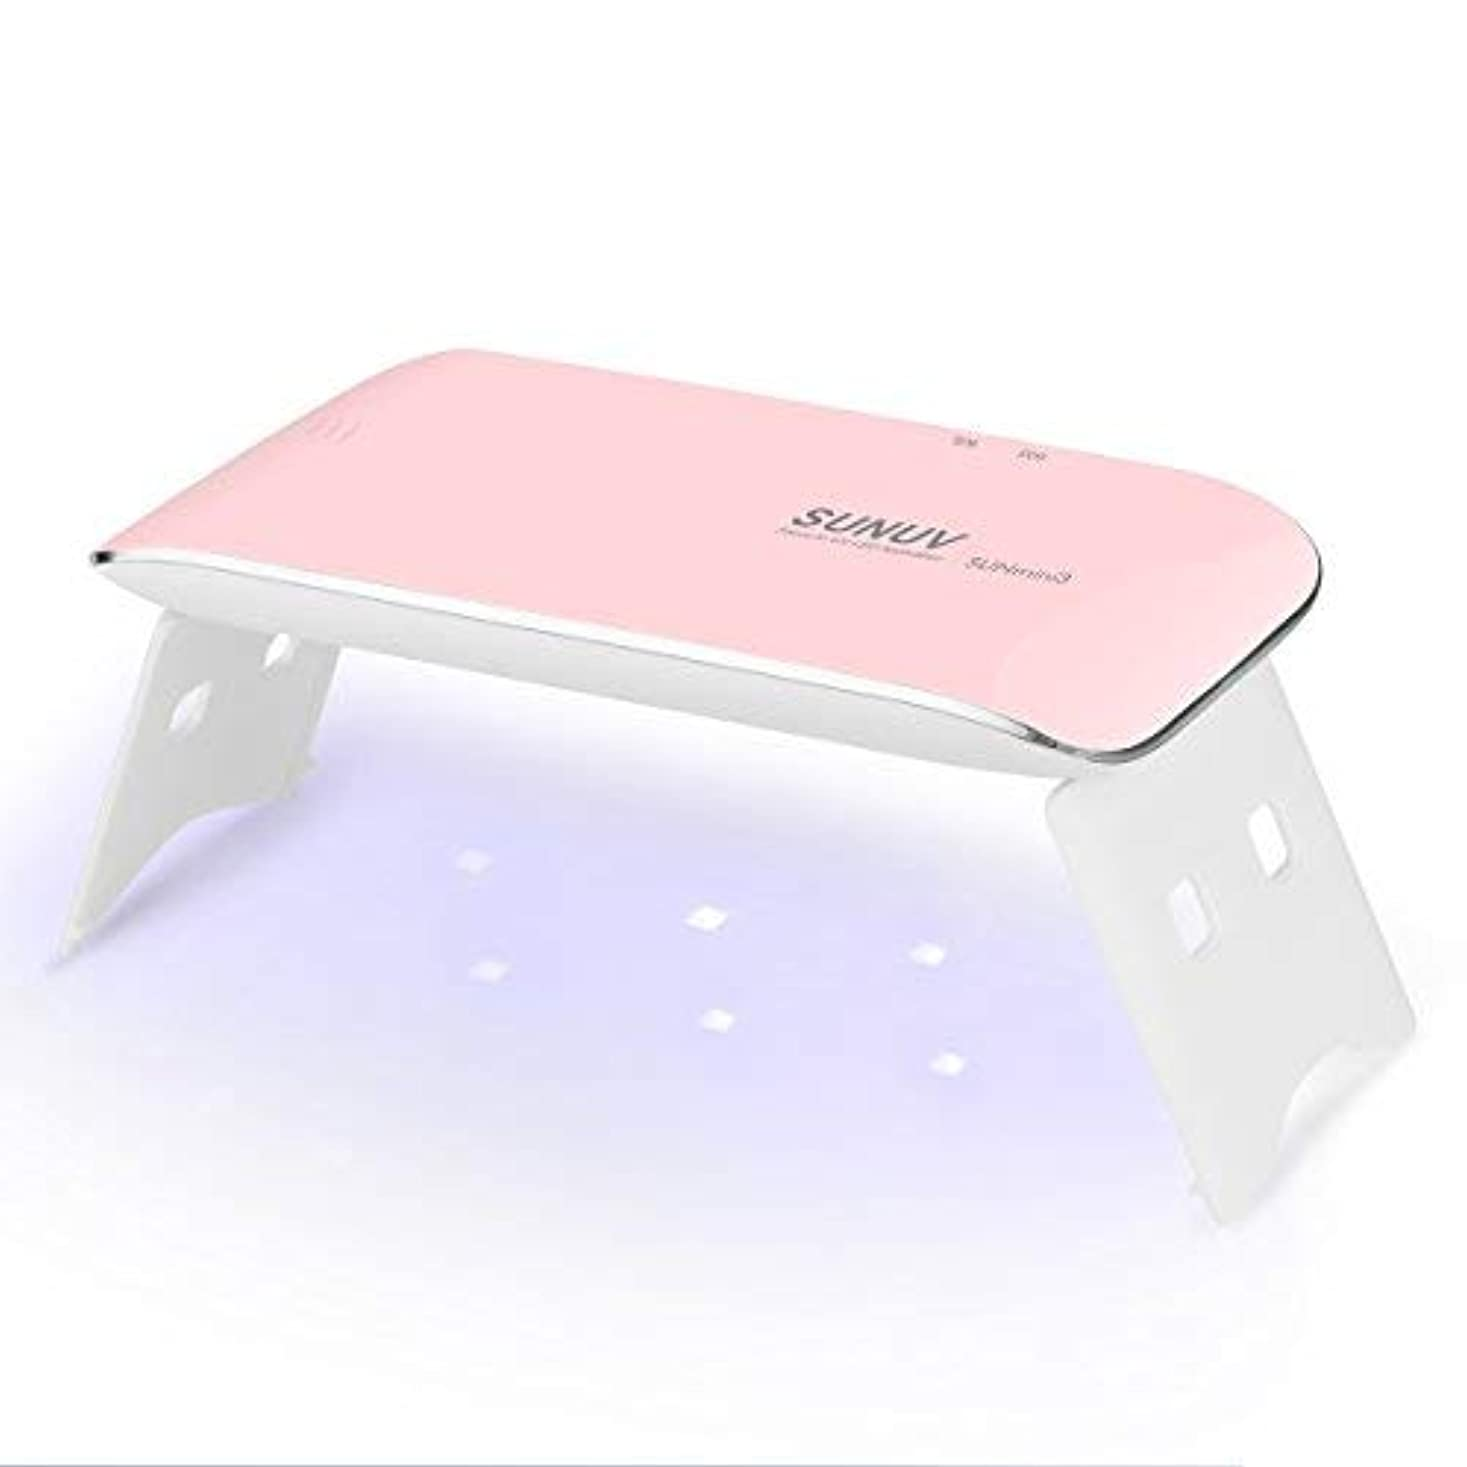 バラエティ振るうみぞれSUNUV UV ライト レジン用 ネイルドライヤー mini ミニ ジェルネイルライト 日本語説明書 ネイルライト 6W 初心者 電池 USB給電 2倍の長寿命 カワイイ 携帯式 一年保証期間